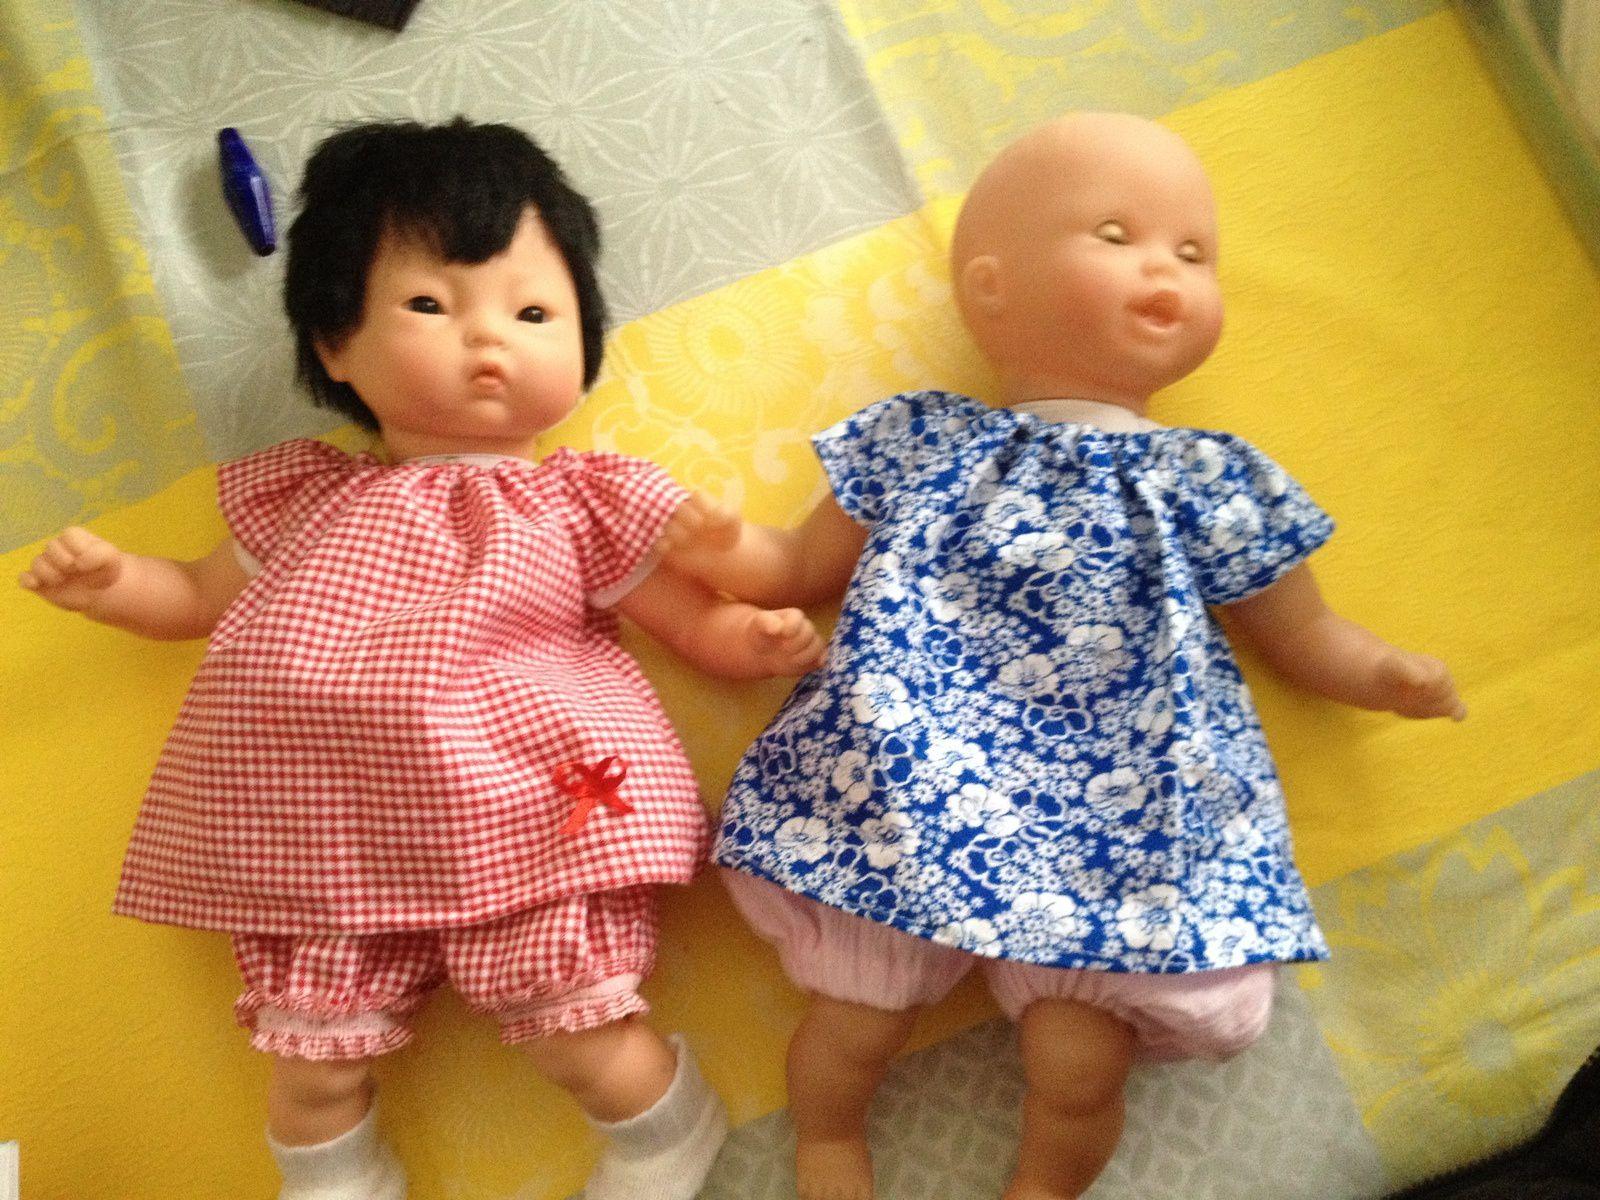 avec son amie  asiatique , elles sont jolies  et un joli pull, merci pour la laine , jolie couleur